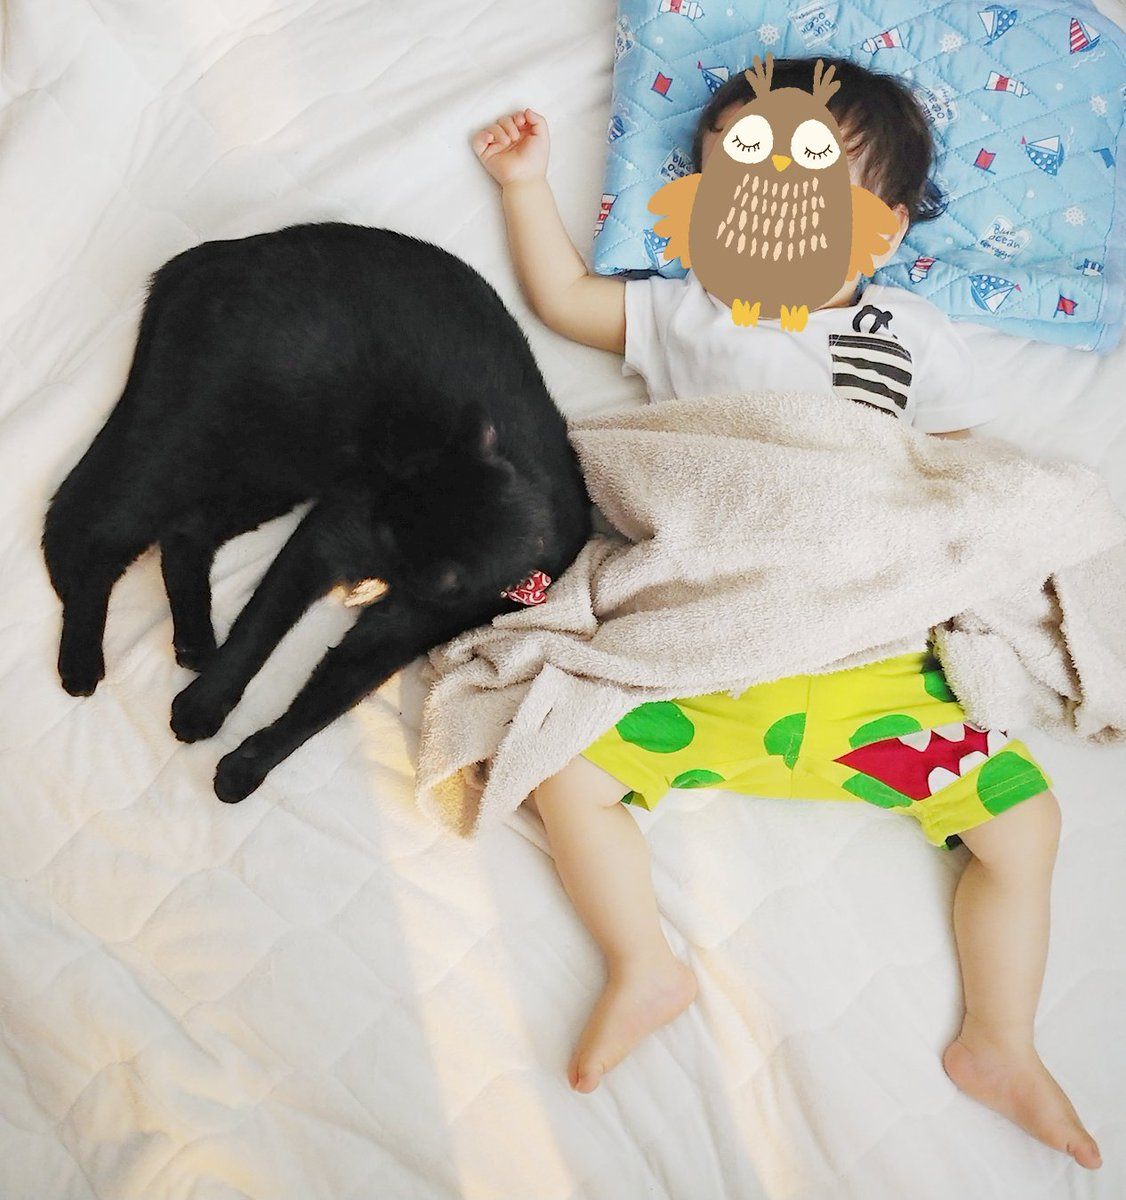 775日目。1歳児の右隣(写真向かって左)で一緒に添い昼寝していたところ、黒猫がやってきてウロウロしたあと1歳児との間にギュギュっと身体を押し込んできた。川の字になって暫く寝ていたが1歳児を残して起きようとすると黒猫はチラっとこちらを見たが空いたスペースに足と尻を伸ばしてそのまま寝た